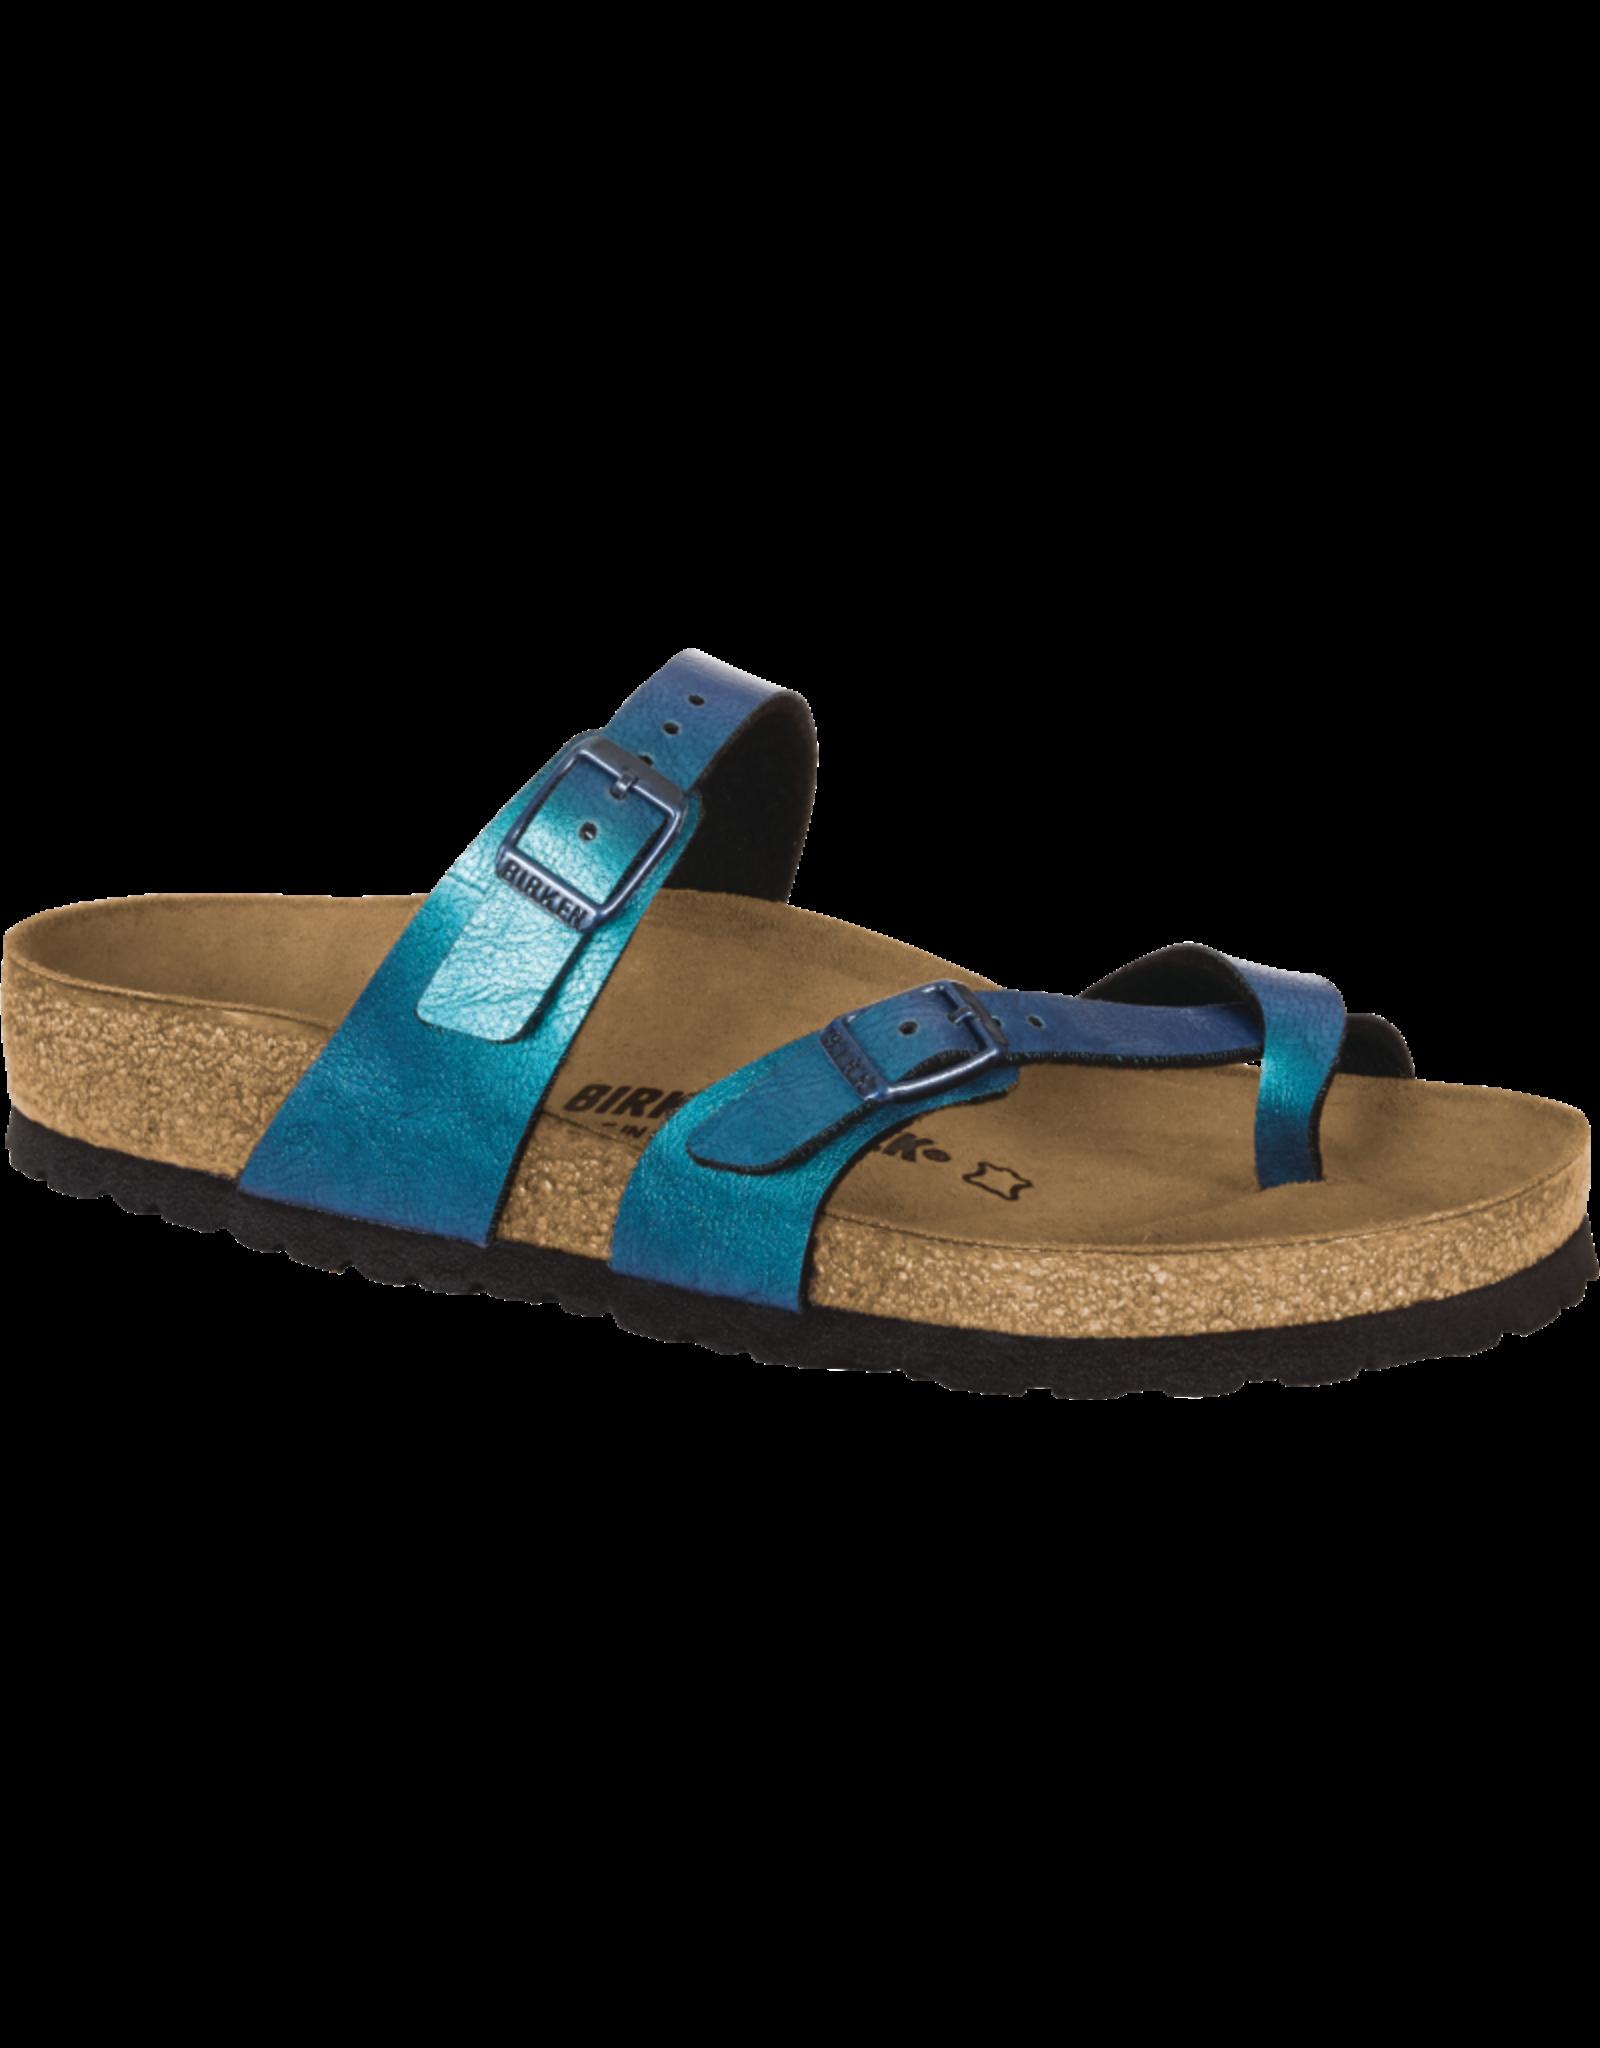 Birkenstock Mayari Sandal Graceful Gem Blue